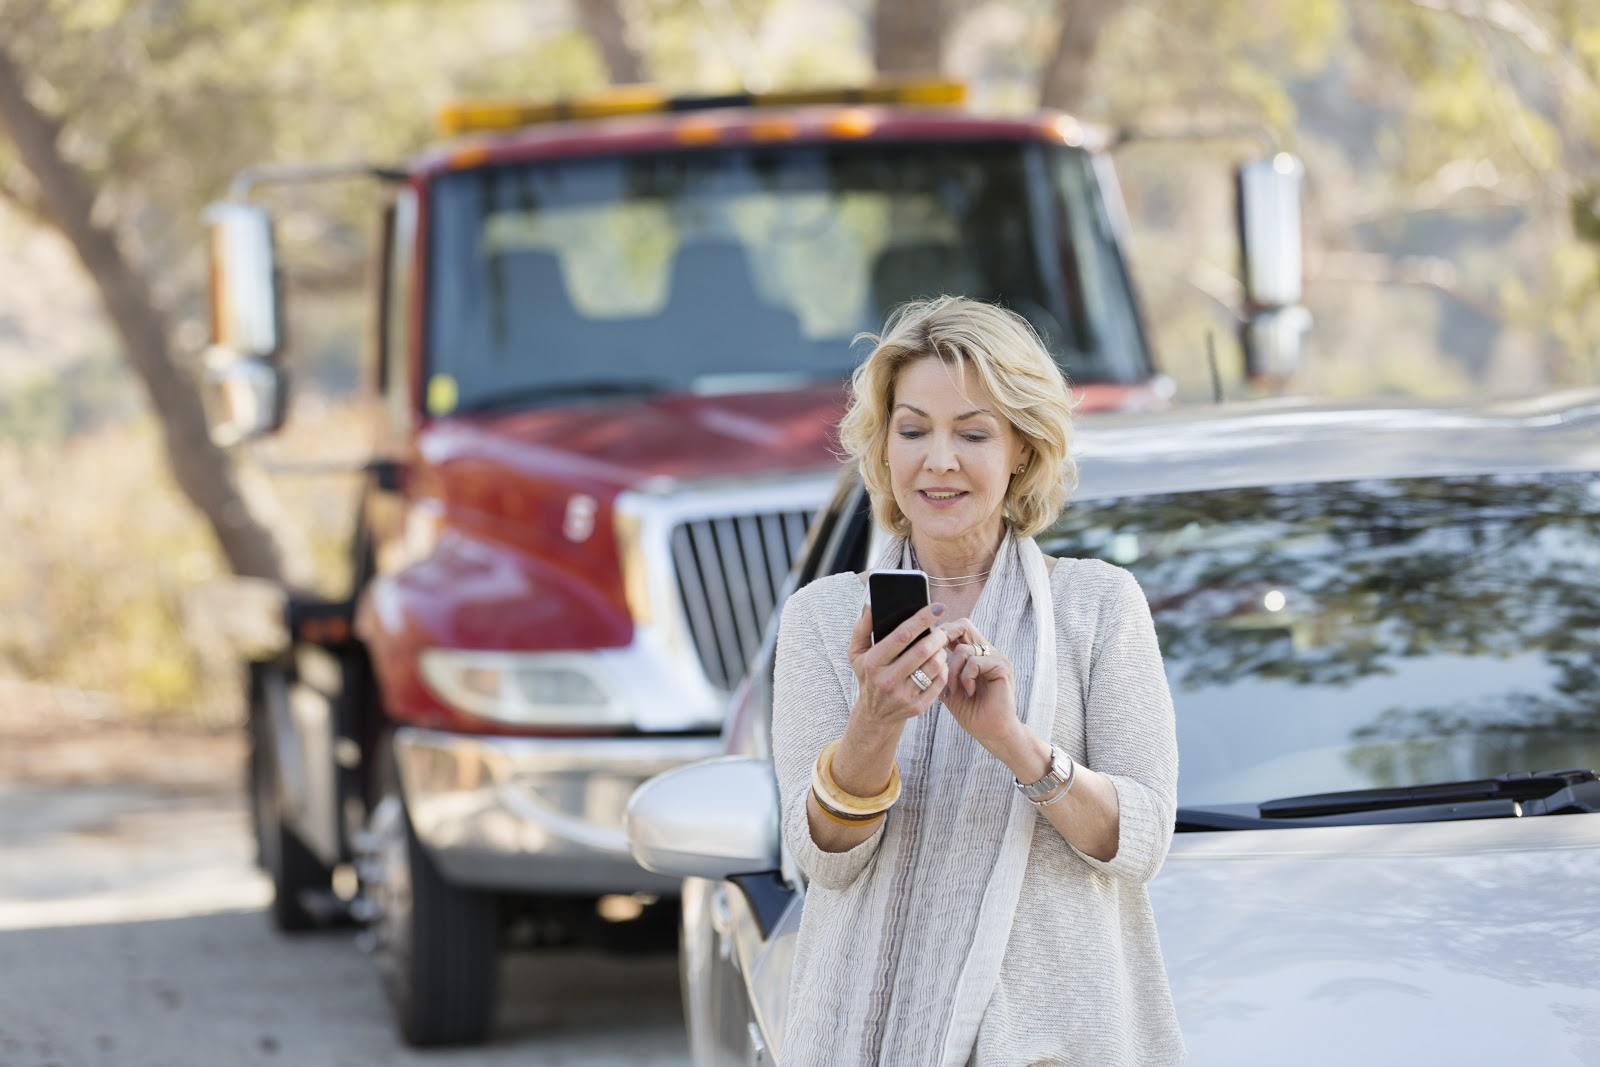 Uma mulher mexendo no celular enquanto seu carro está parado na estrada.